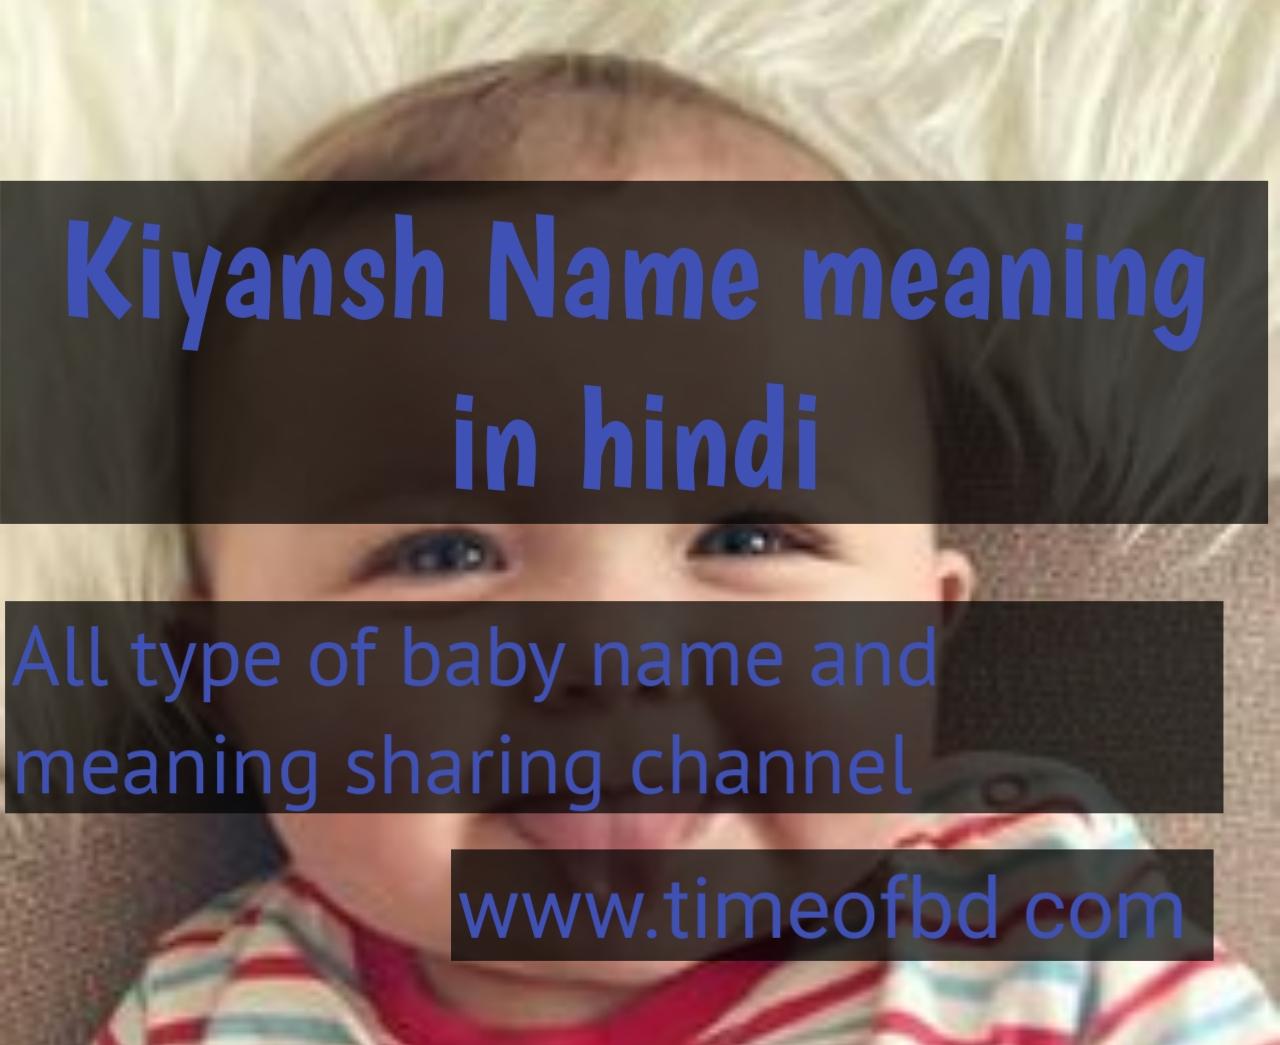 kiyansh name meaning in hindi, kiyansh ka meaning ,kiyansh meaning in hindi dictioanry,meaning of kiyansh in hindi